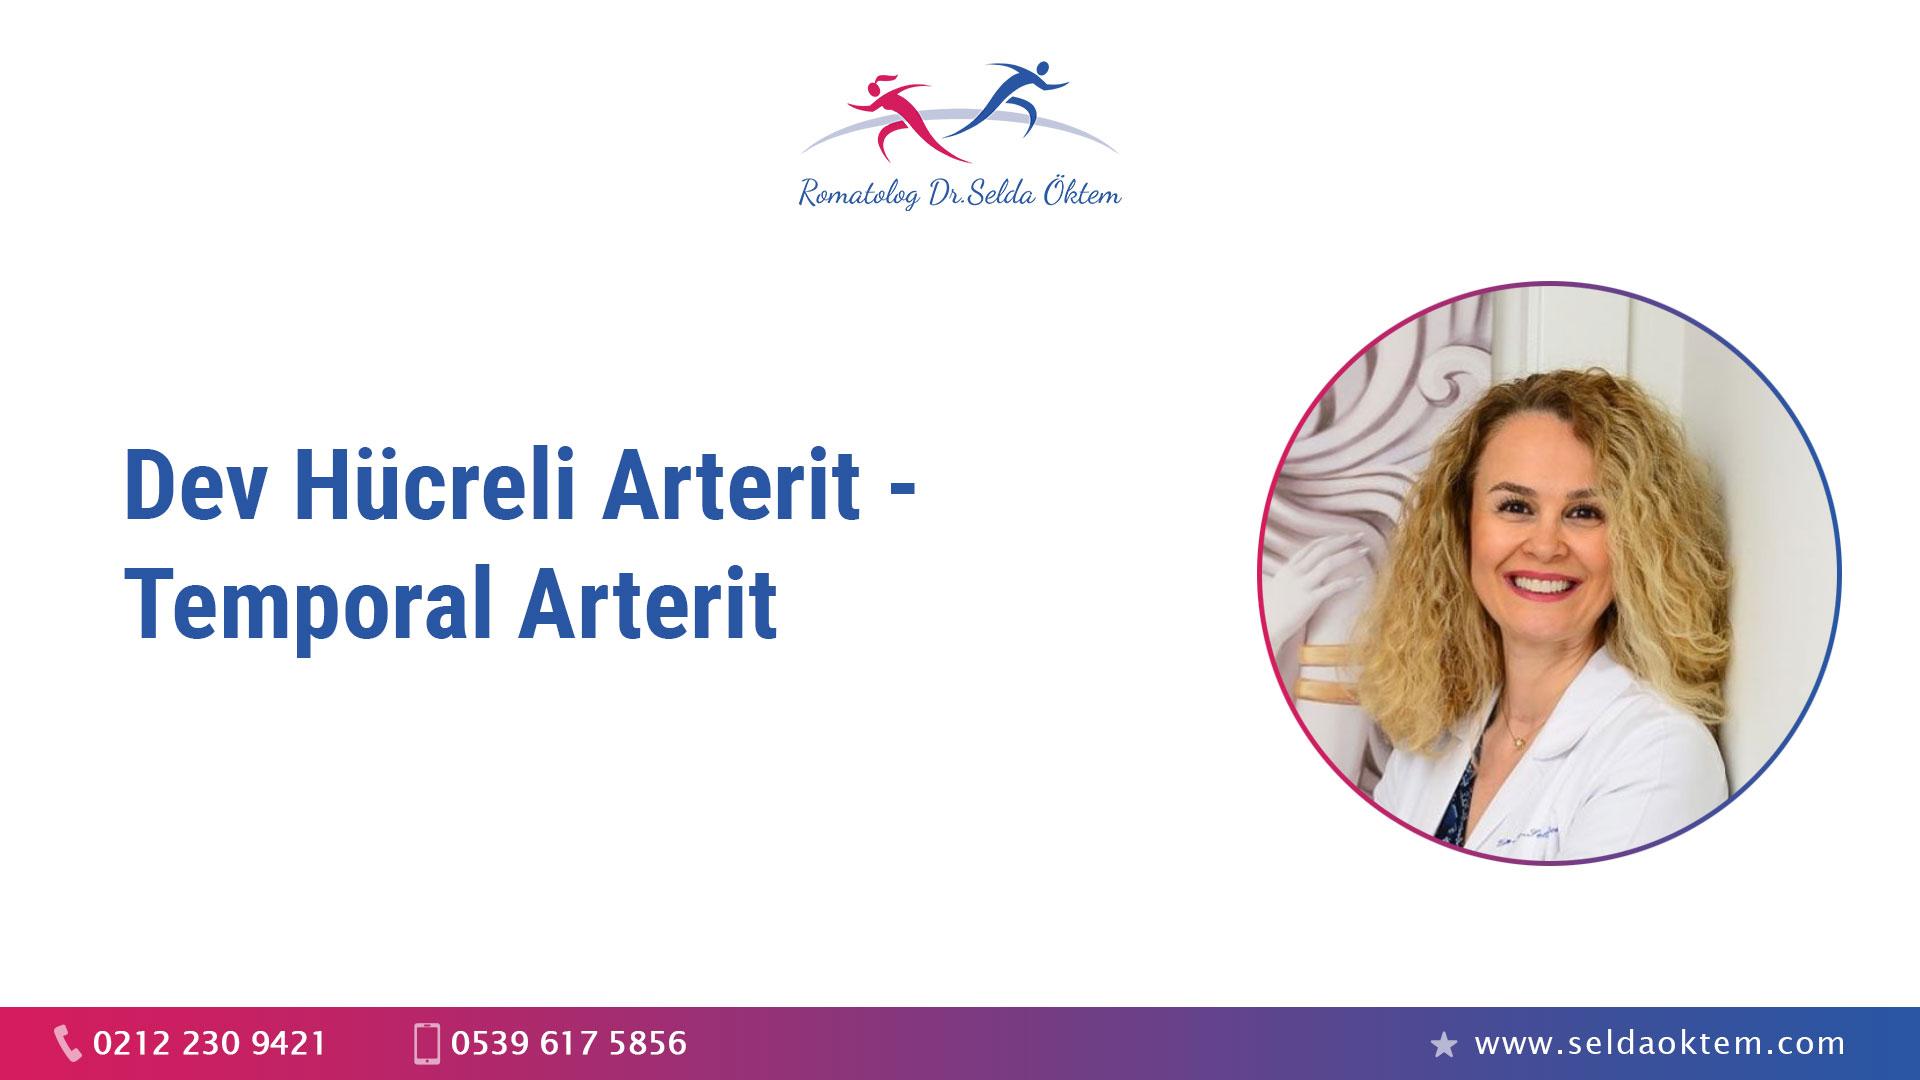 Dev Hücreli Arterit - Temporal Arterit